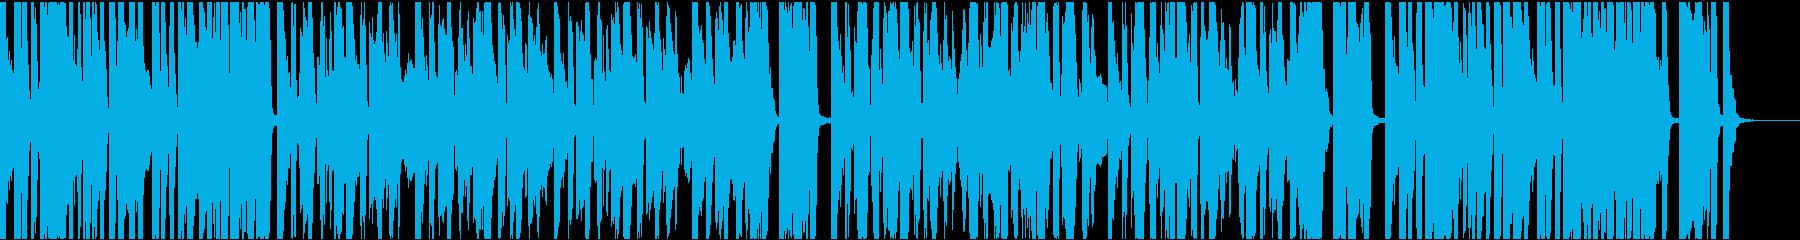 9秒でサビ、インパクト、イケイケの再生済みの波形